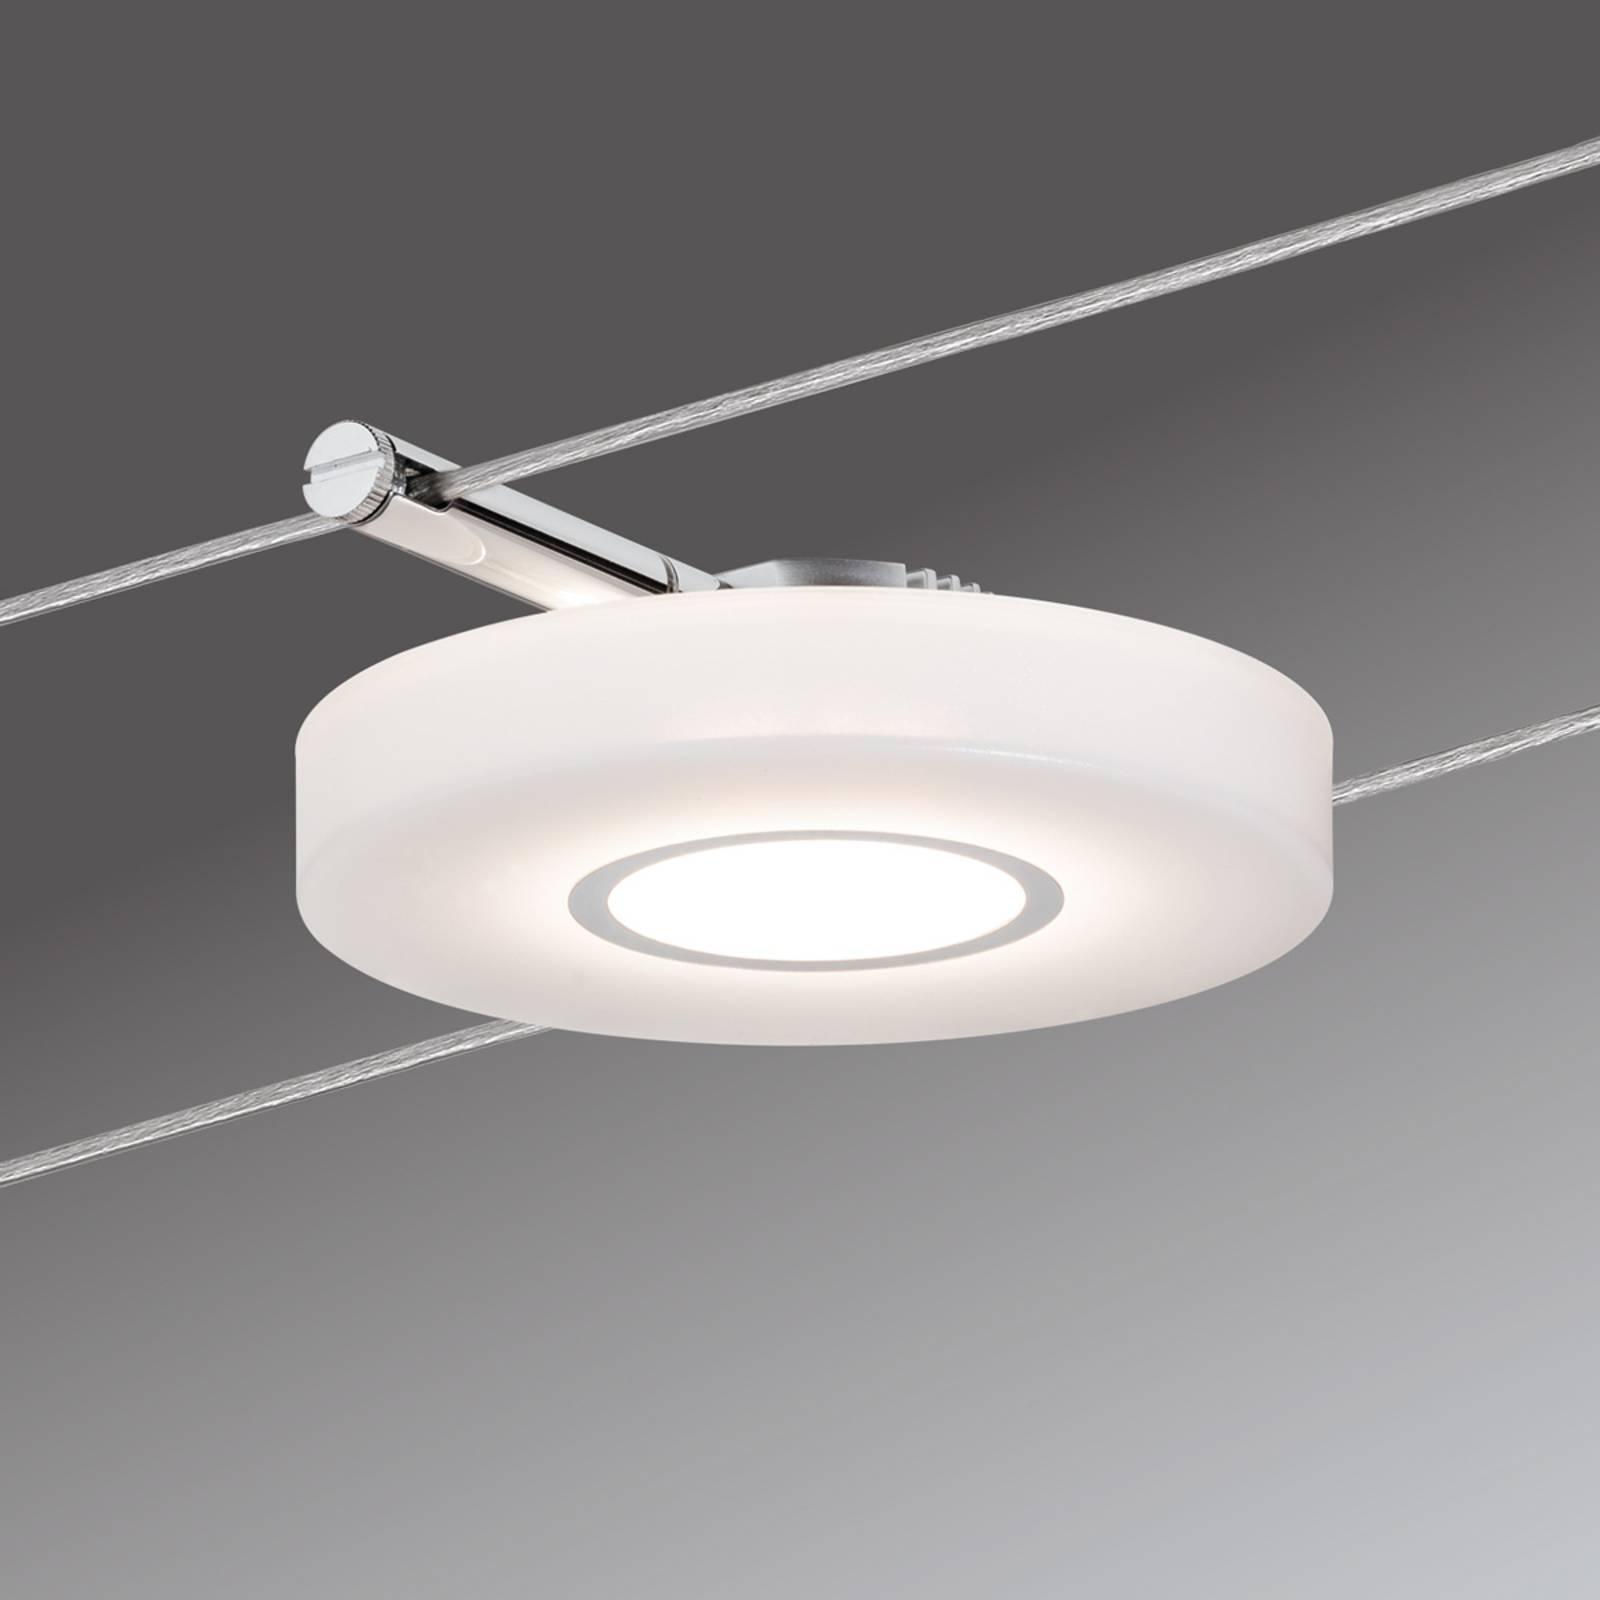 Separat lampa för linsystem DiscLED I 12V DC